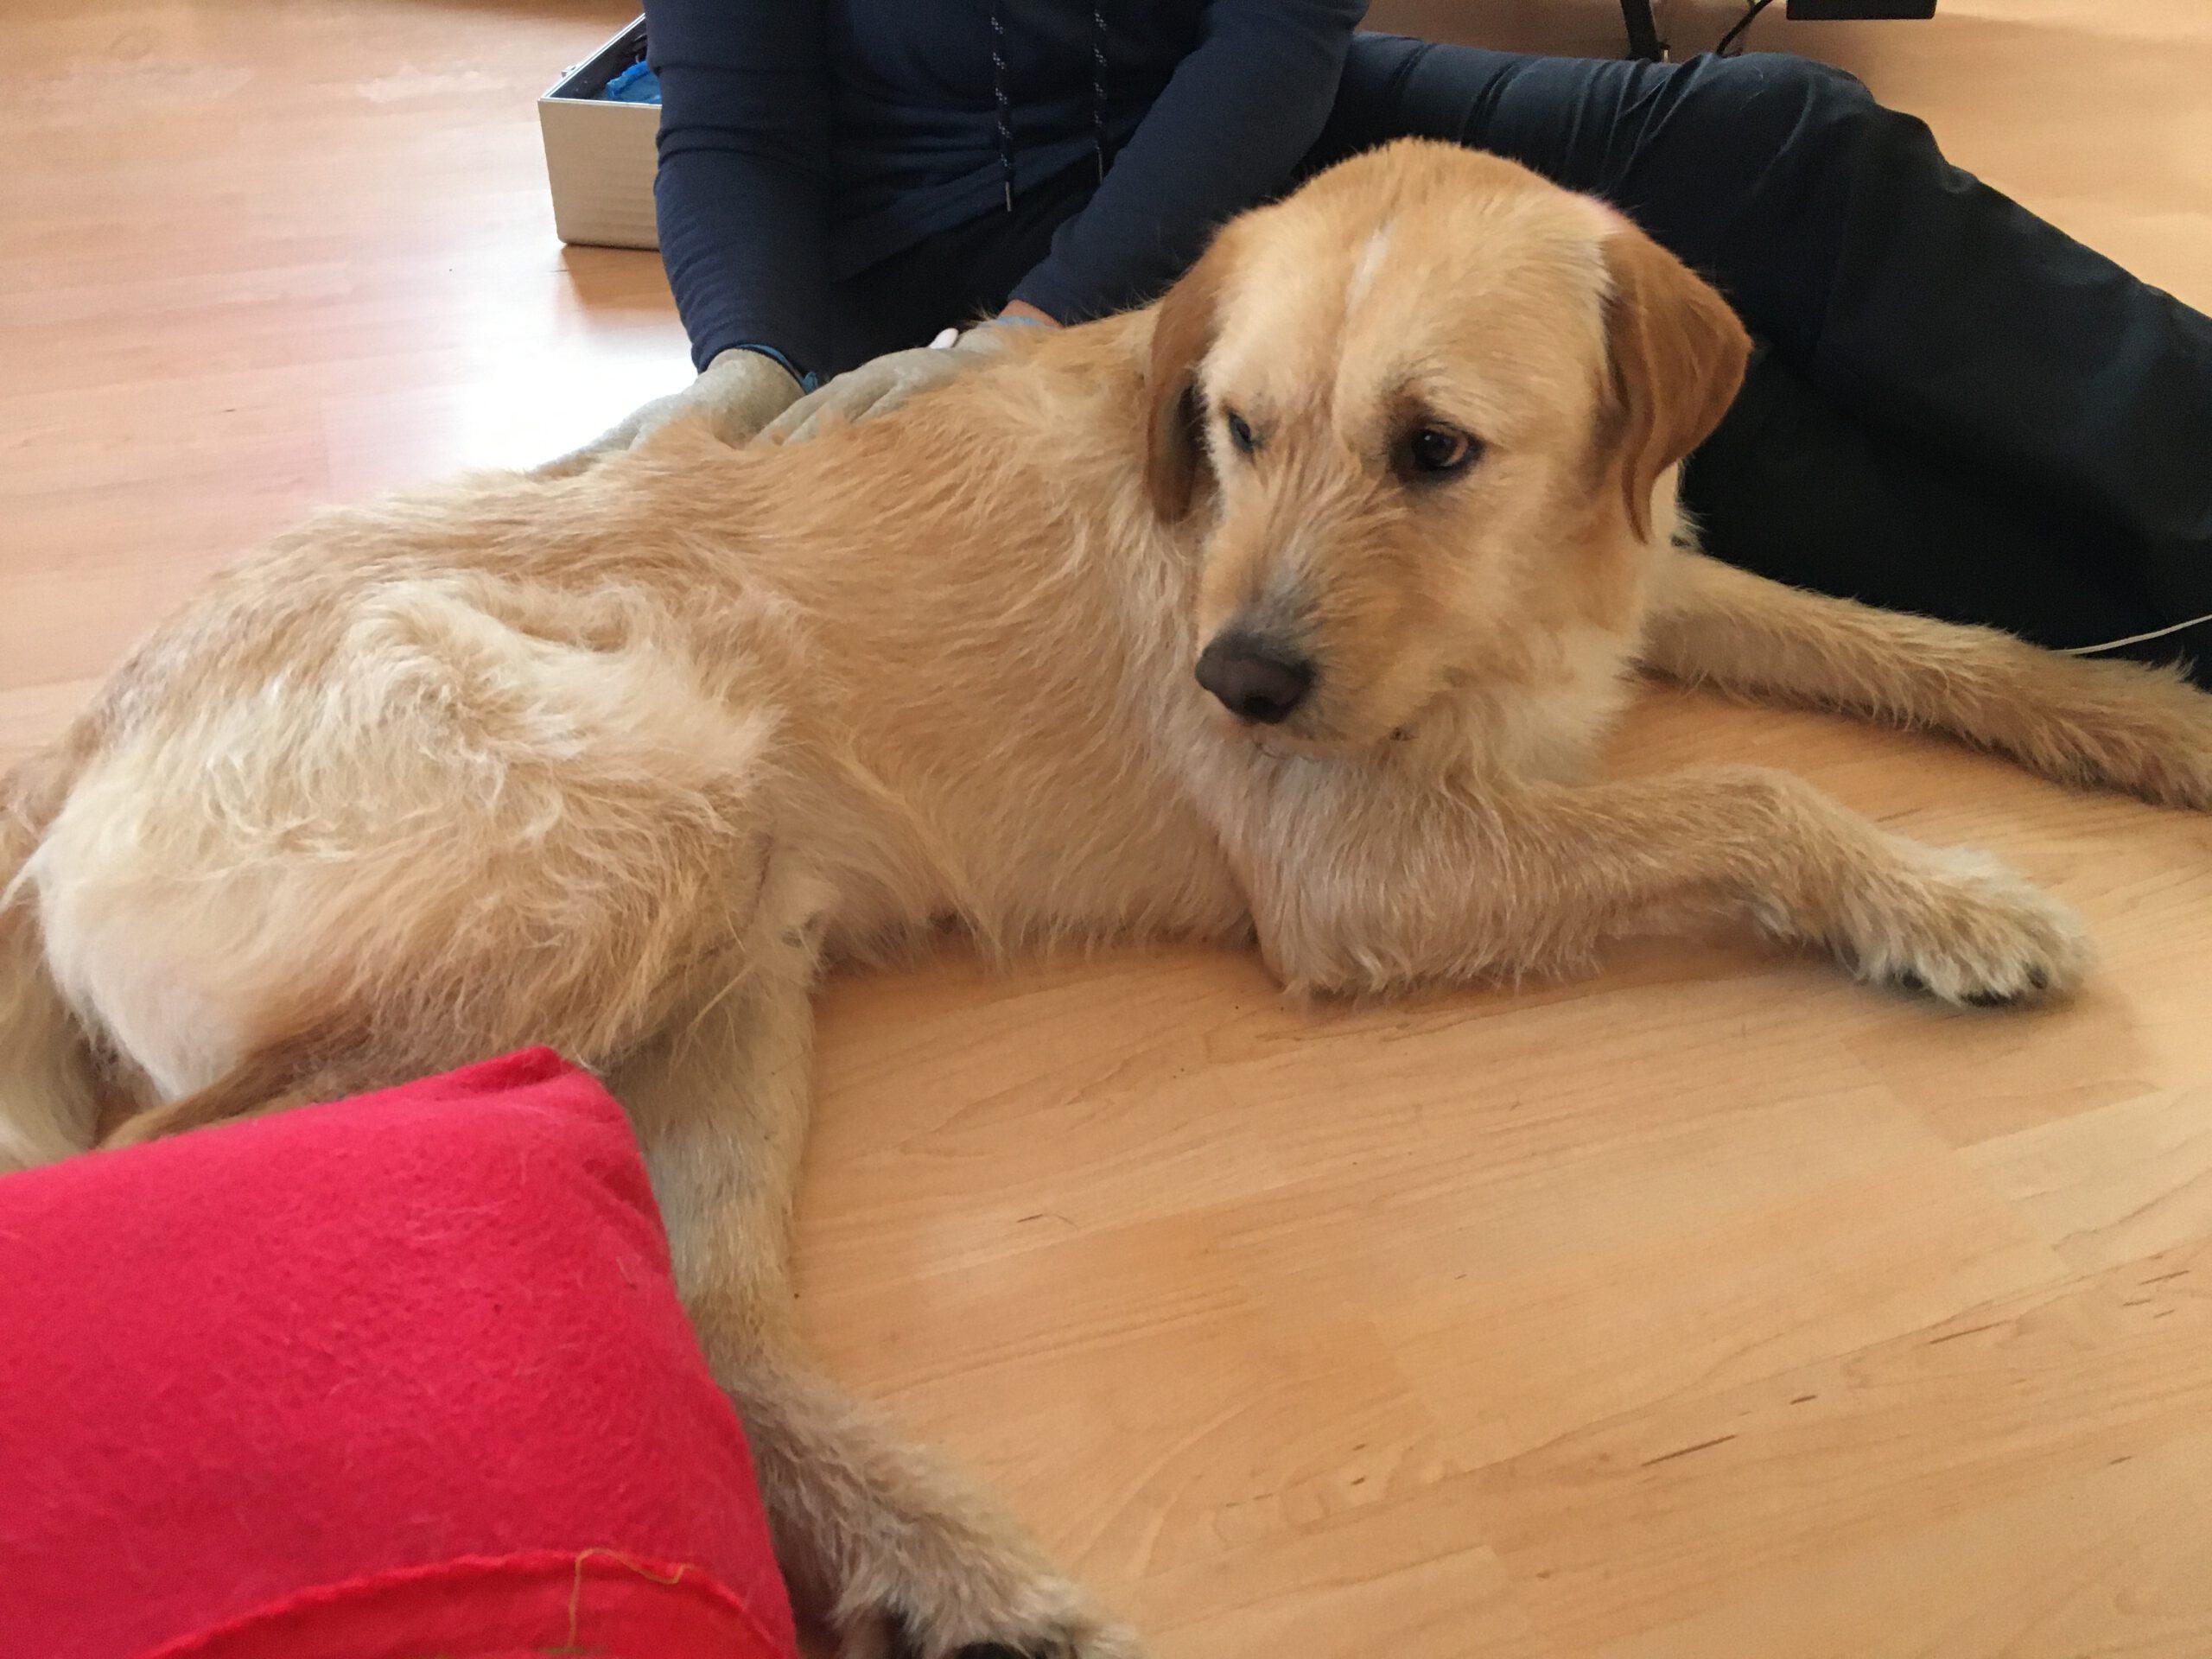 Hundephysiotherapie mit Frauchen Zauberhunde Wilsdruff Tierheilpraxis 2